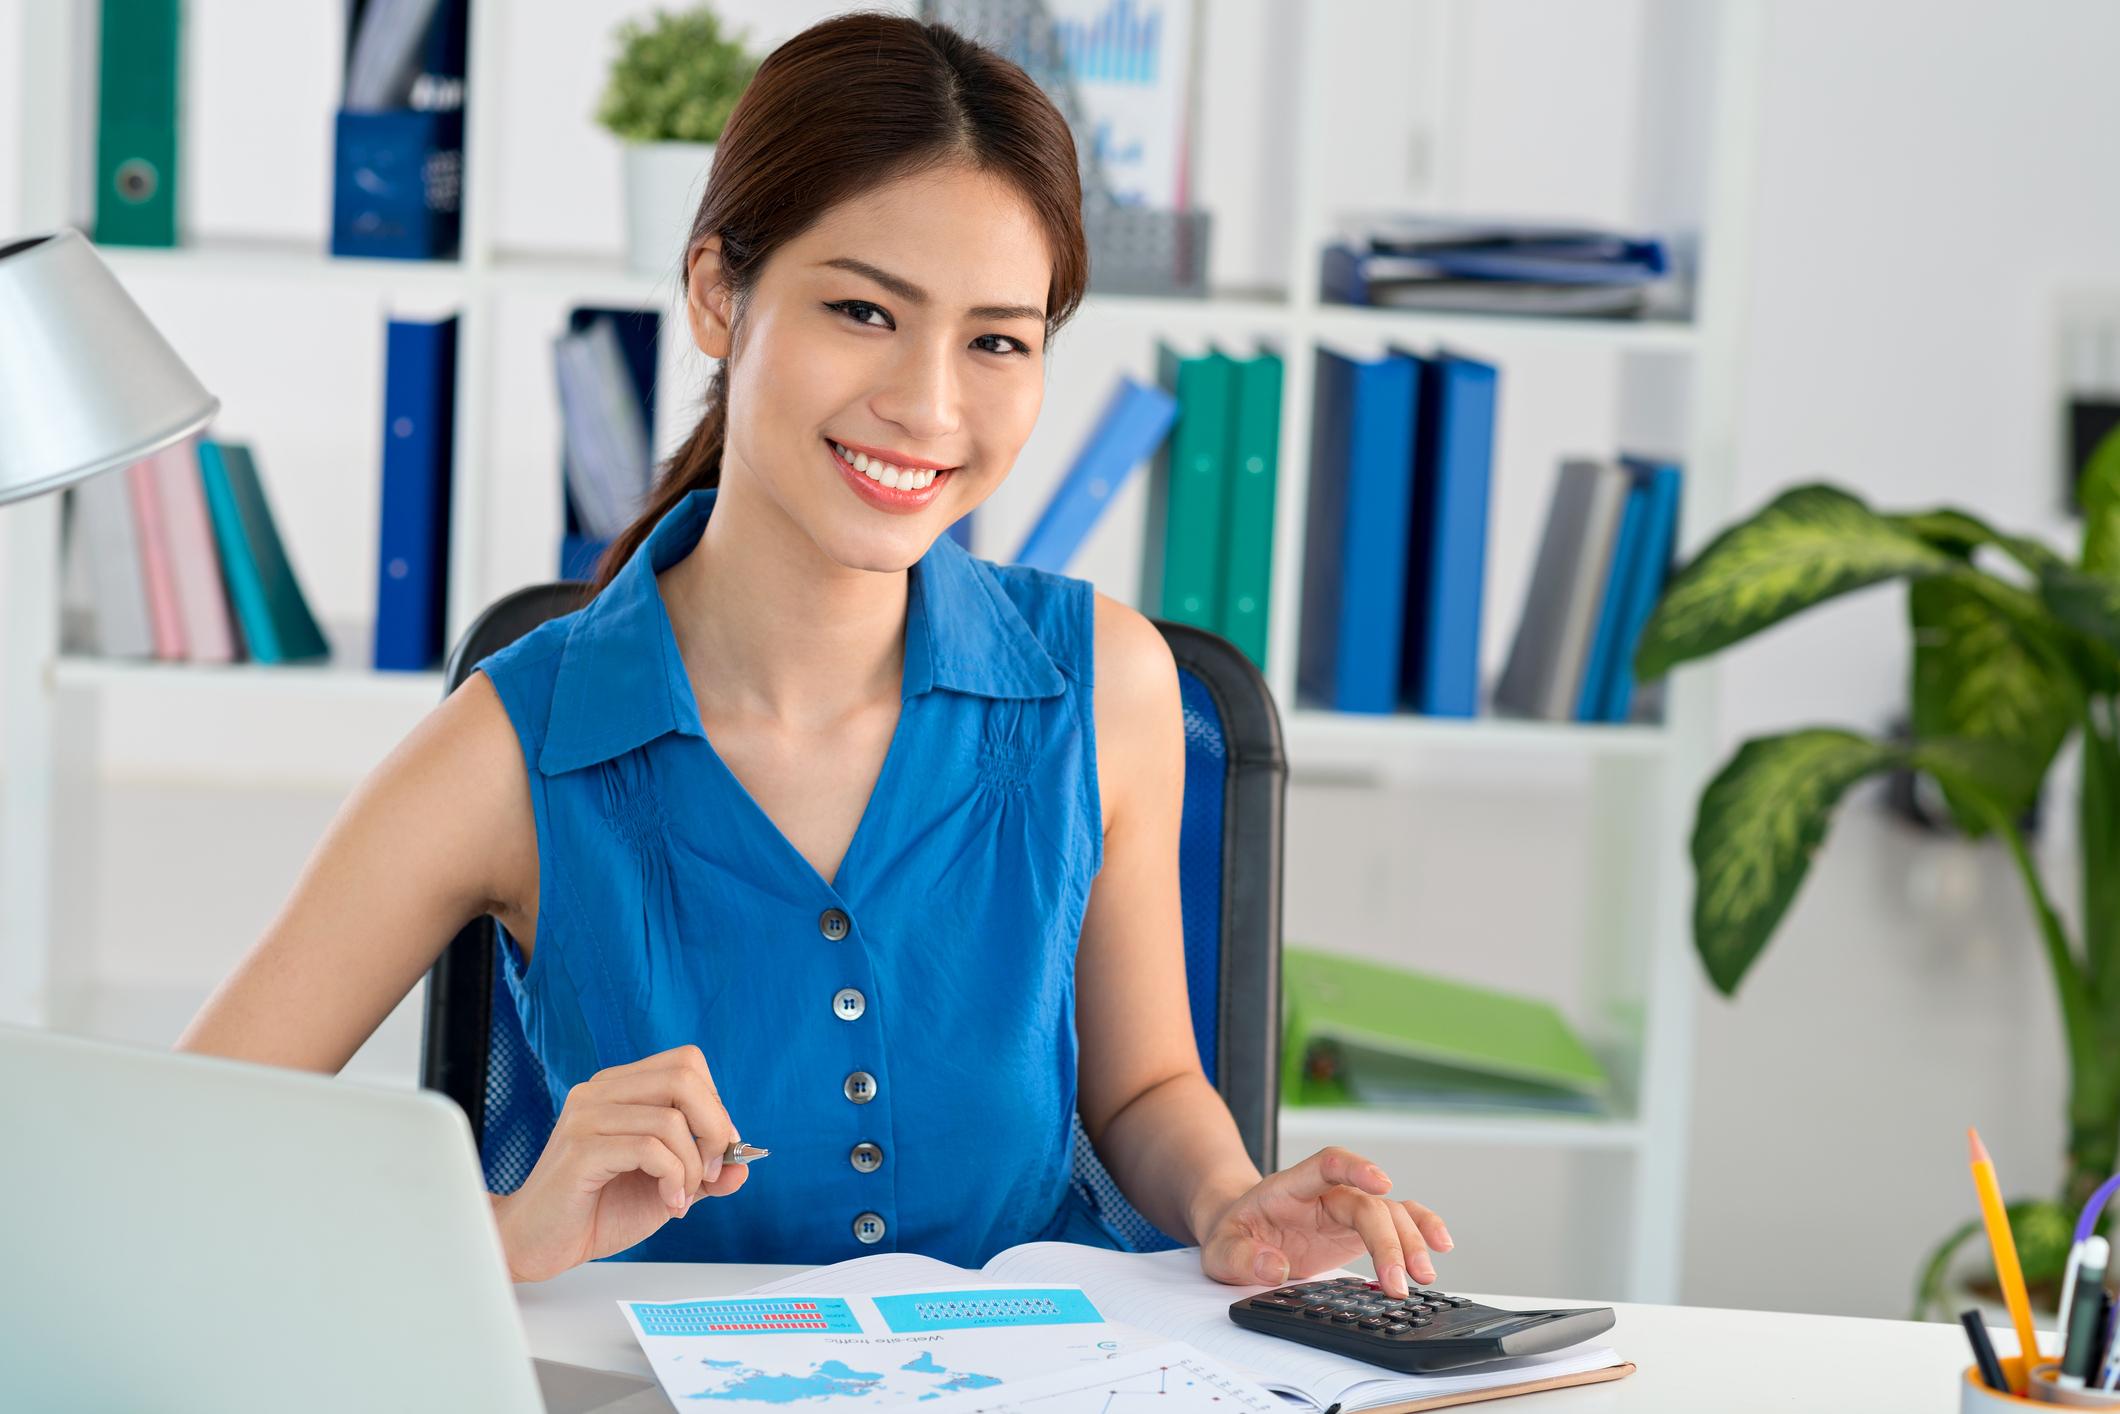 Một kế toán giỏi cần có những kỹ năng kế toán nào?